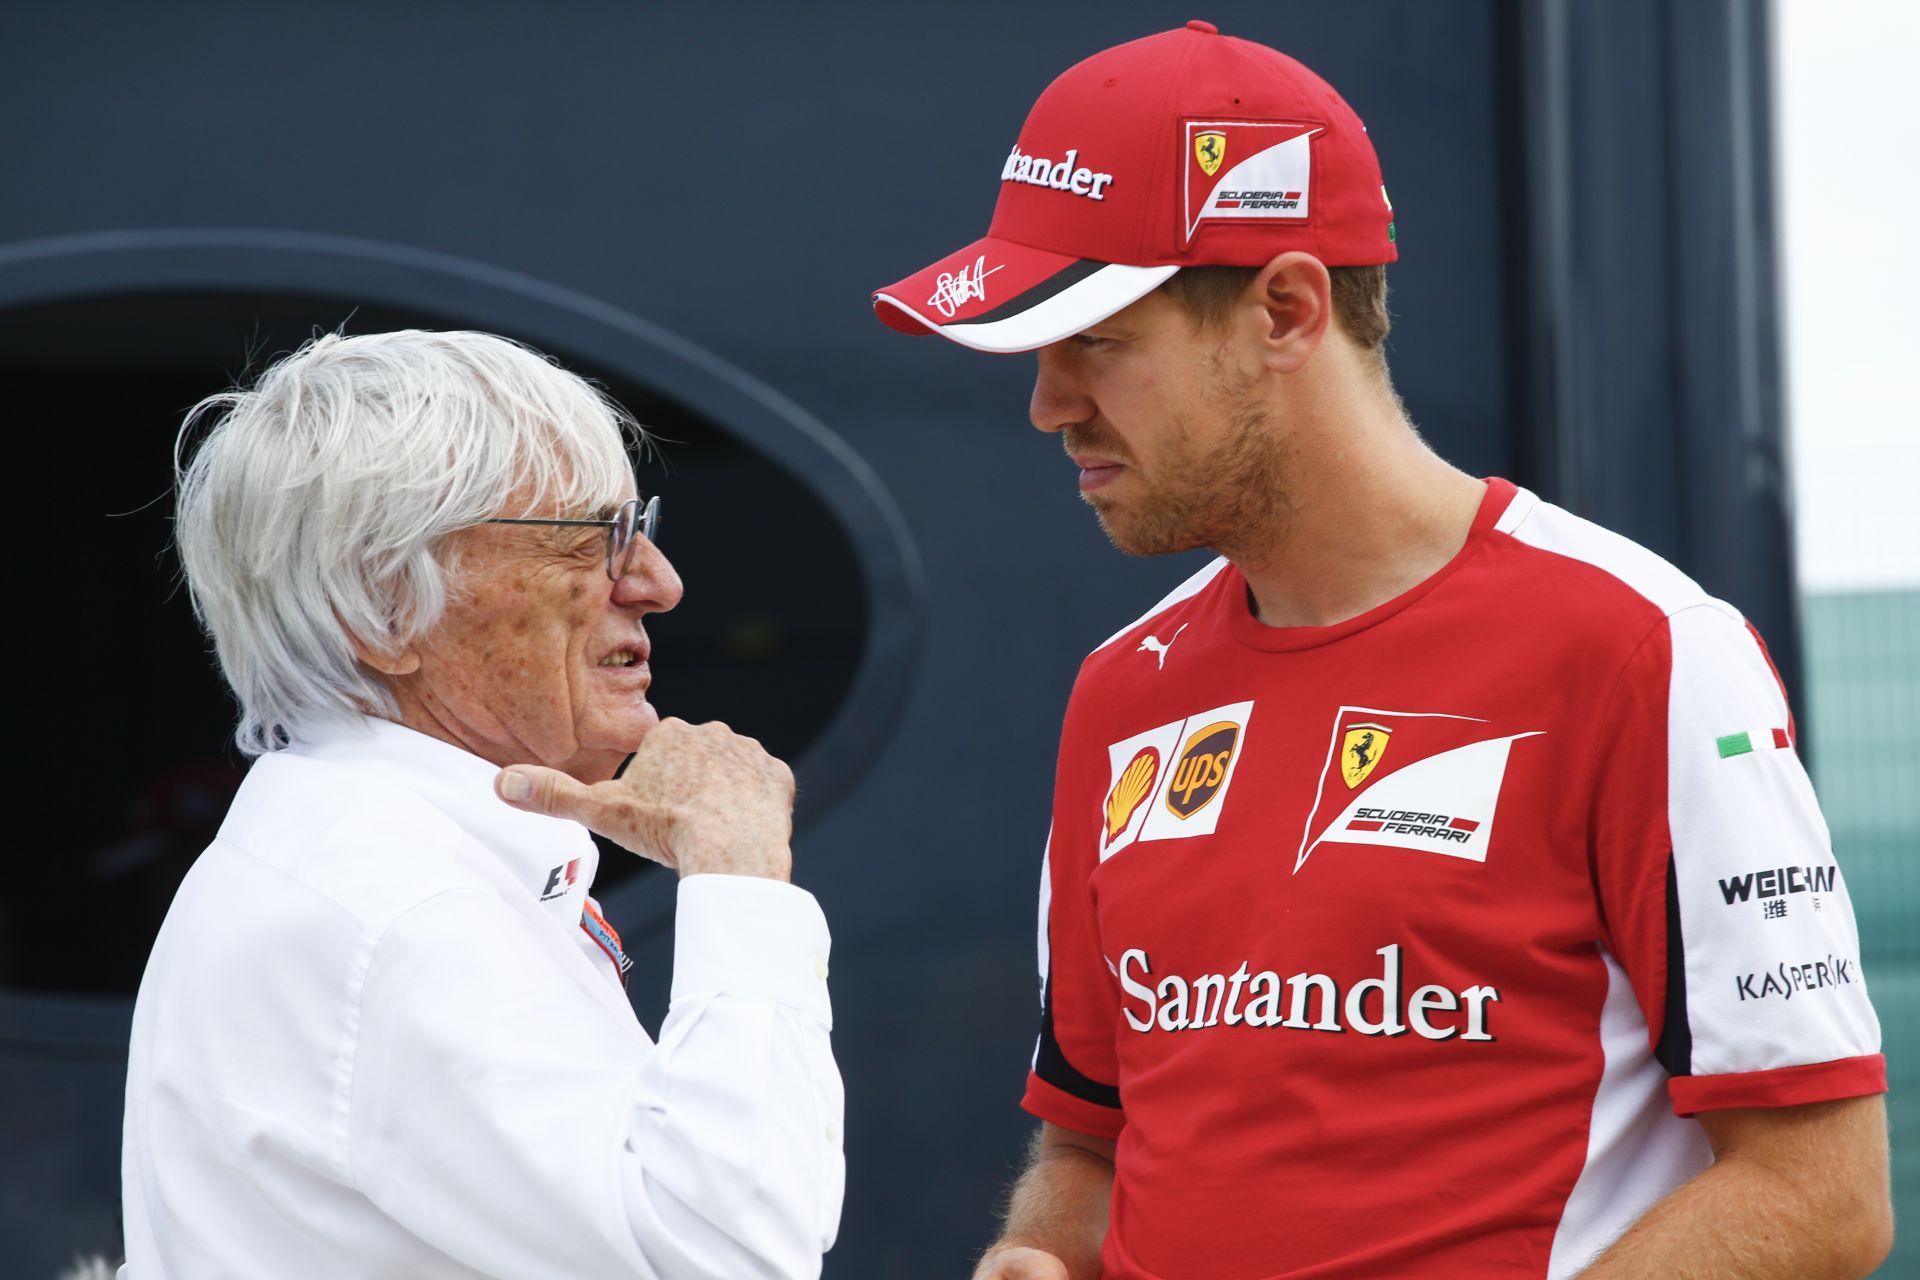 Vettel szerint nem kell Ecclestone-t mindig olyan komolyan venni!